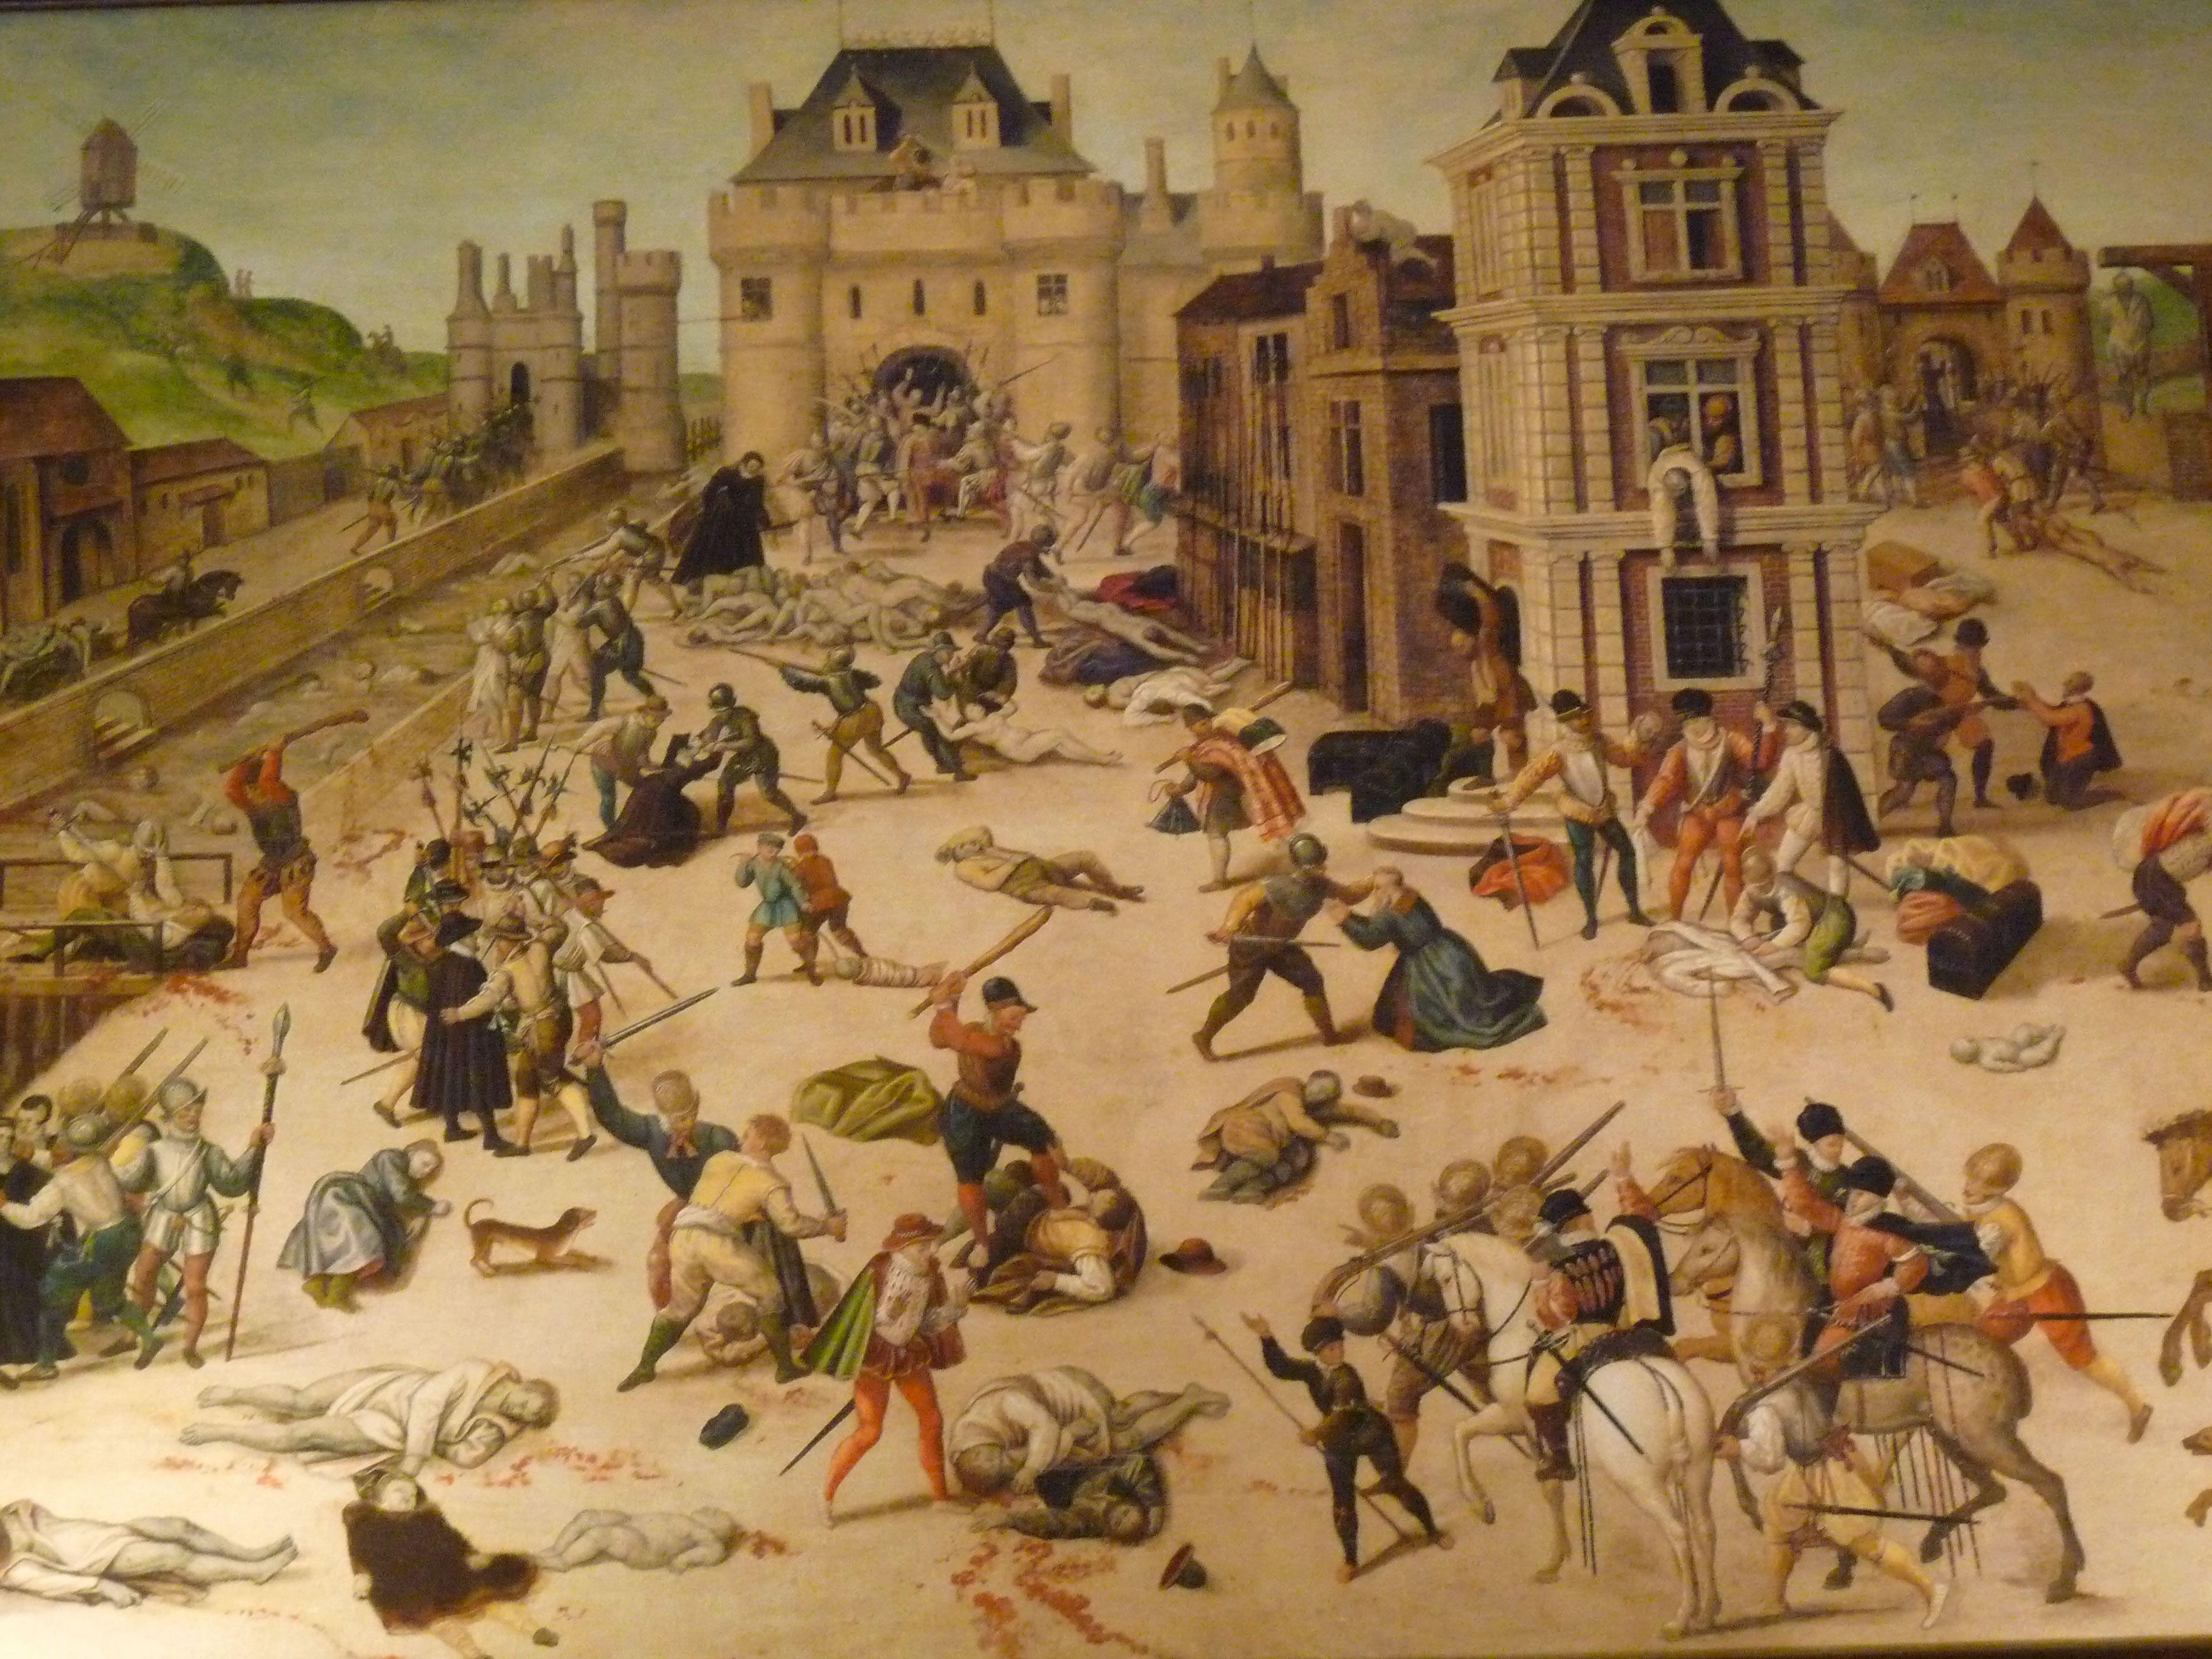 Saint Bartholomew's day massacre. Man the French are crazy!